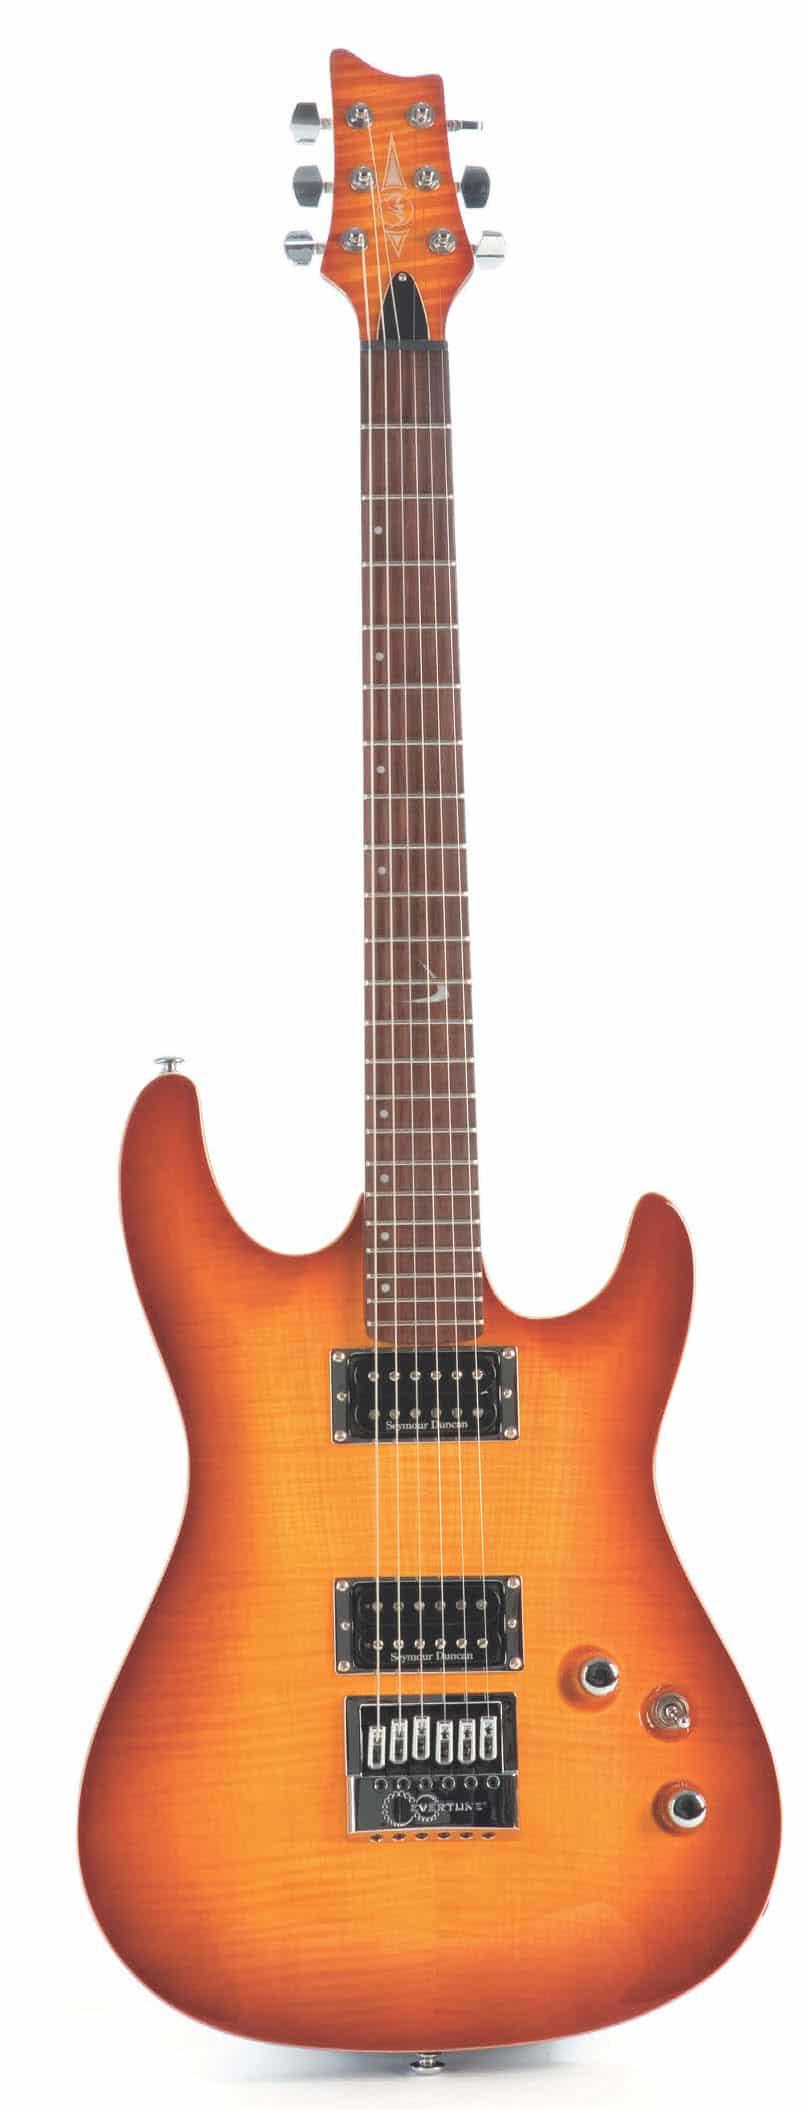 E-Gitarre von VGS. stehend